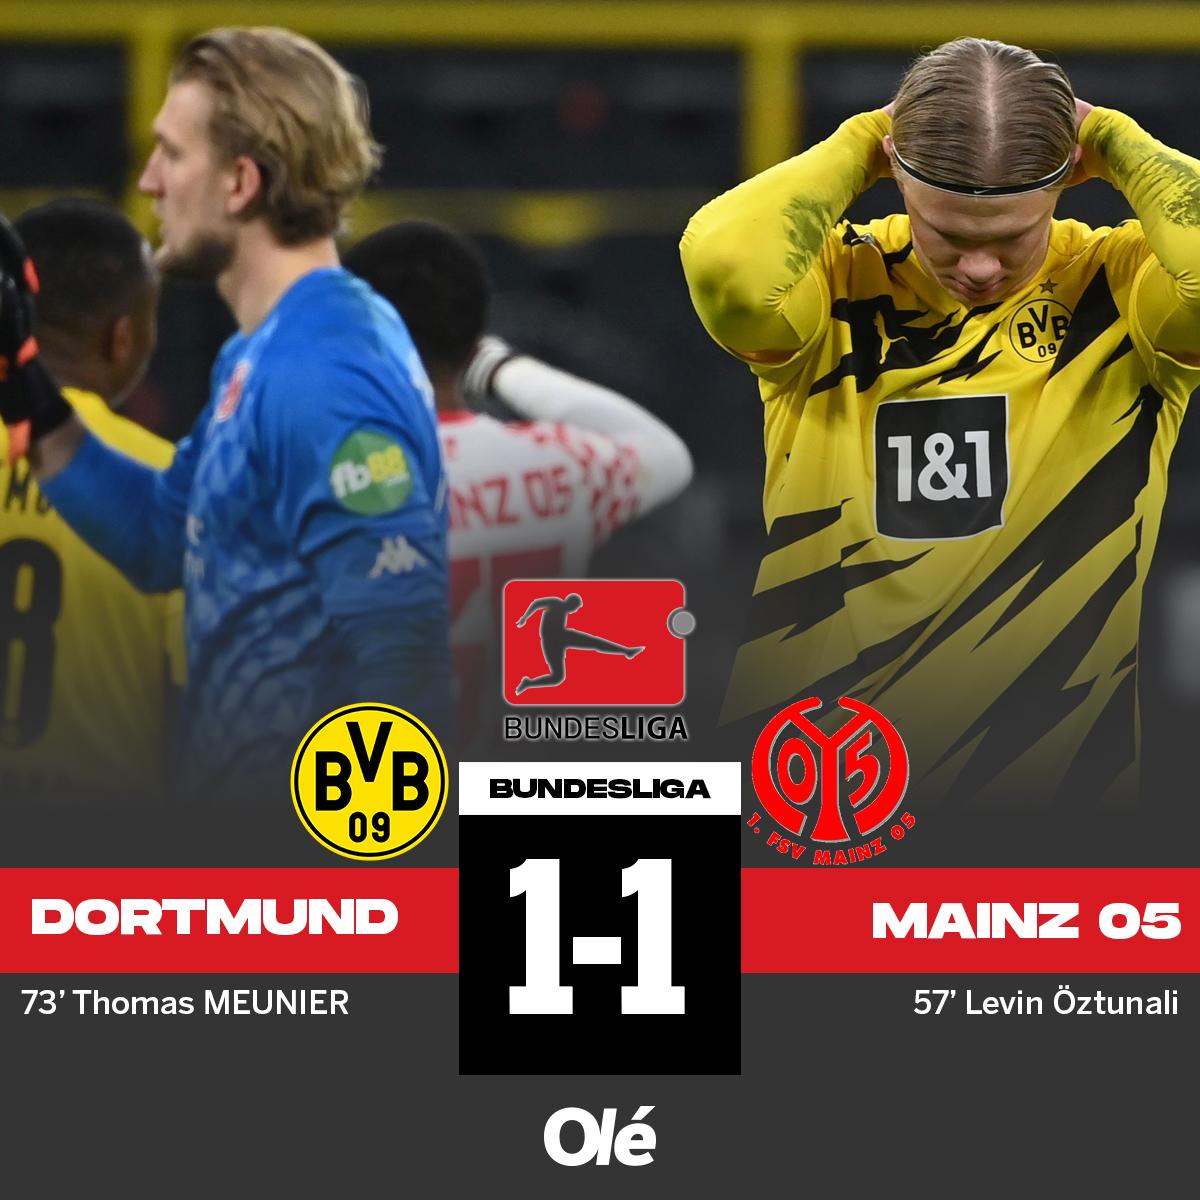 🇩🇪 Además, empataron Borussia Dortmund (vs. Mainz 05) y RB Leipzig (vs. Wolfsburgo). 🔝 Escenario ideal para el Bayern Munich, único líder, que este domingo recibe al Friburgo y puede estirar la ventaja. https://t.co/jbZKArsQyu